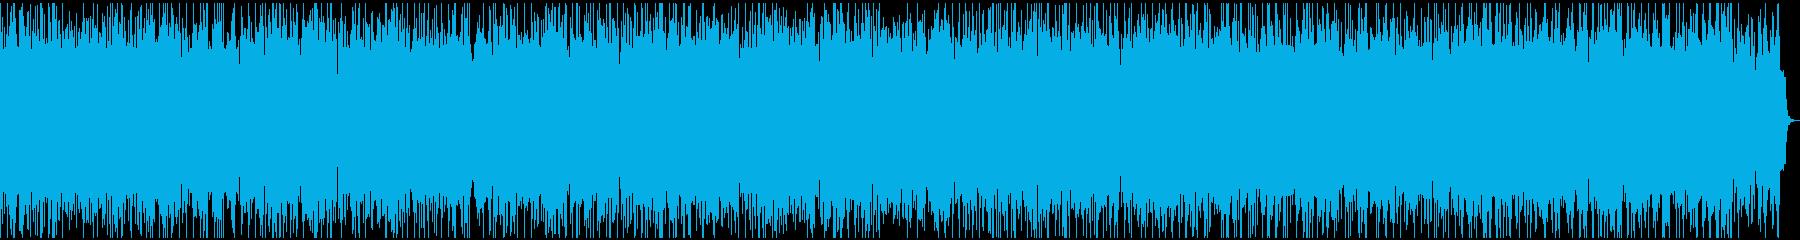 9分ケルトバイオリンワールドミュージックの再生済みの波形